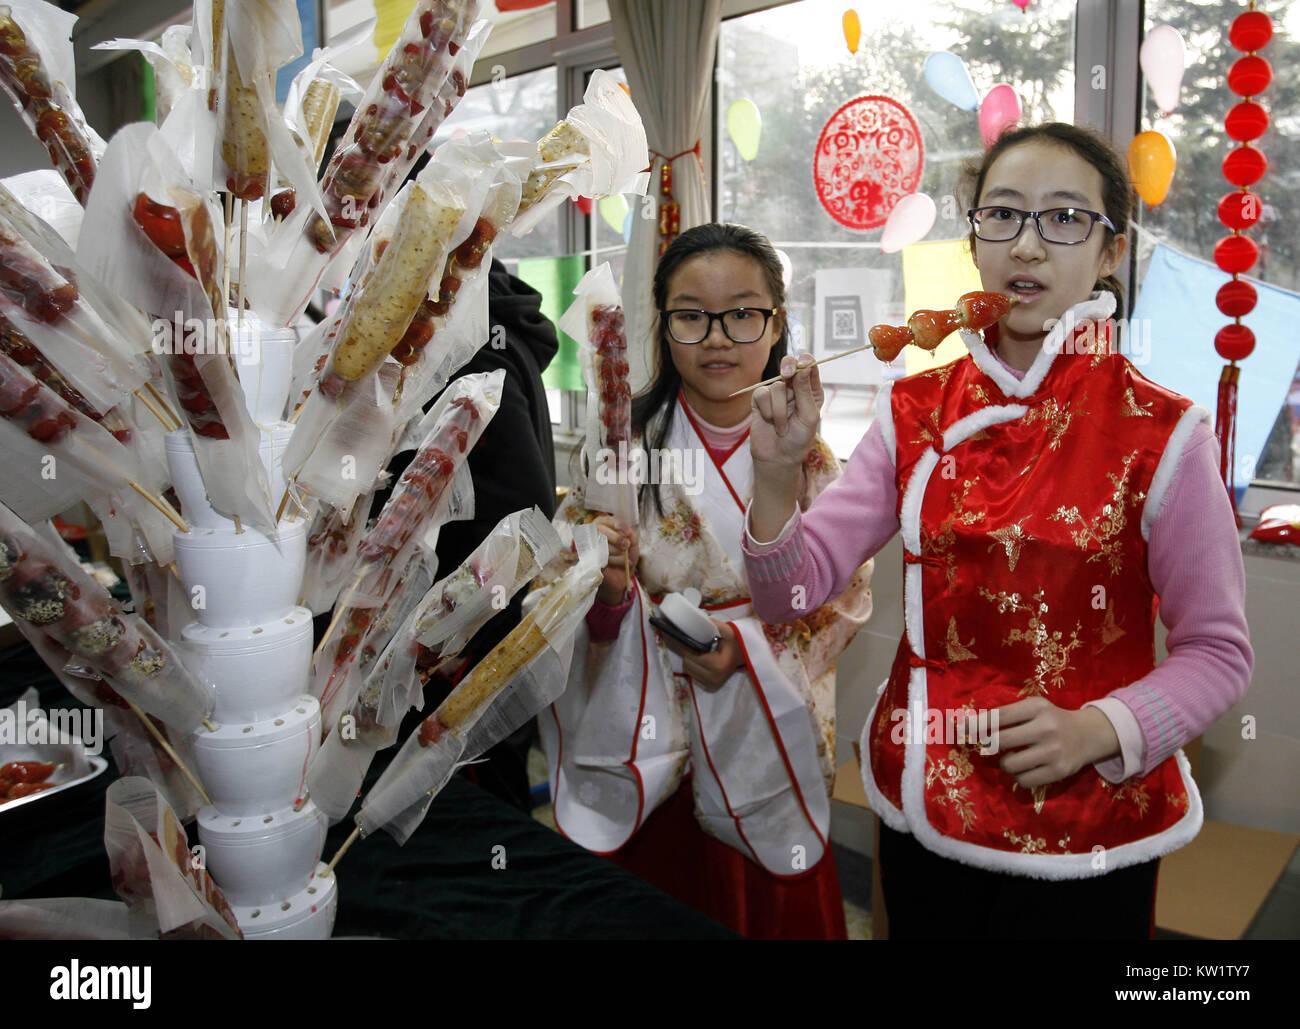 Pechino, Cina. 29 Dic, 2017. Gli studenti del gusto di frutta sugarcoated su un bastone, un popolare snack, durante Immagini Stock